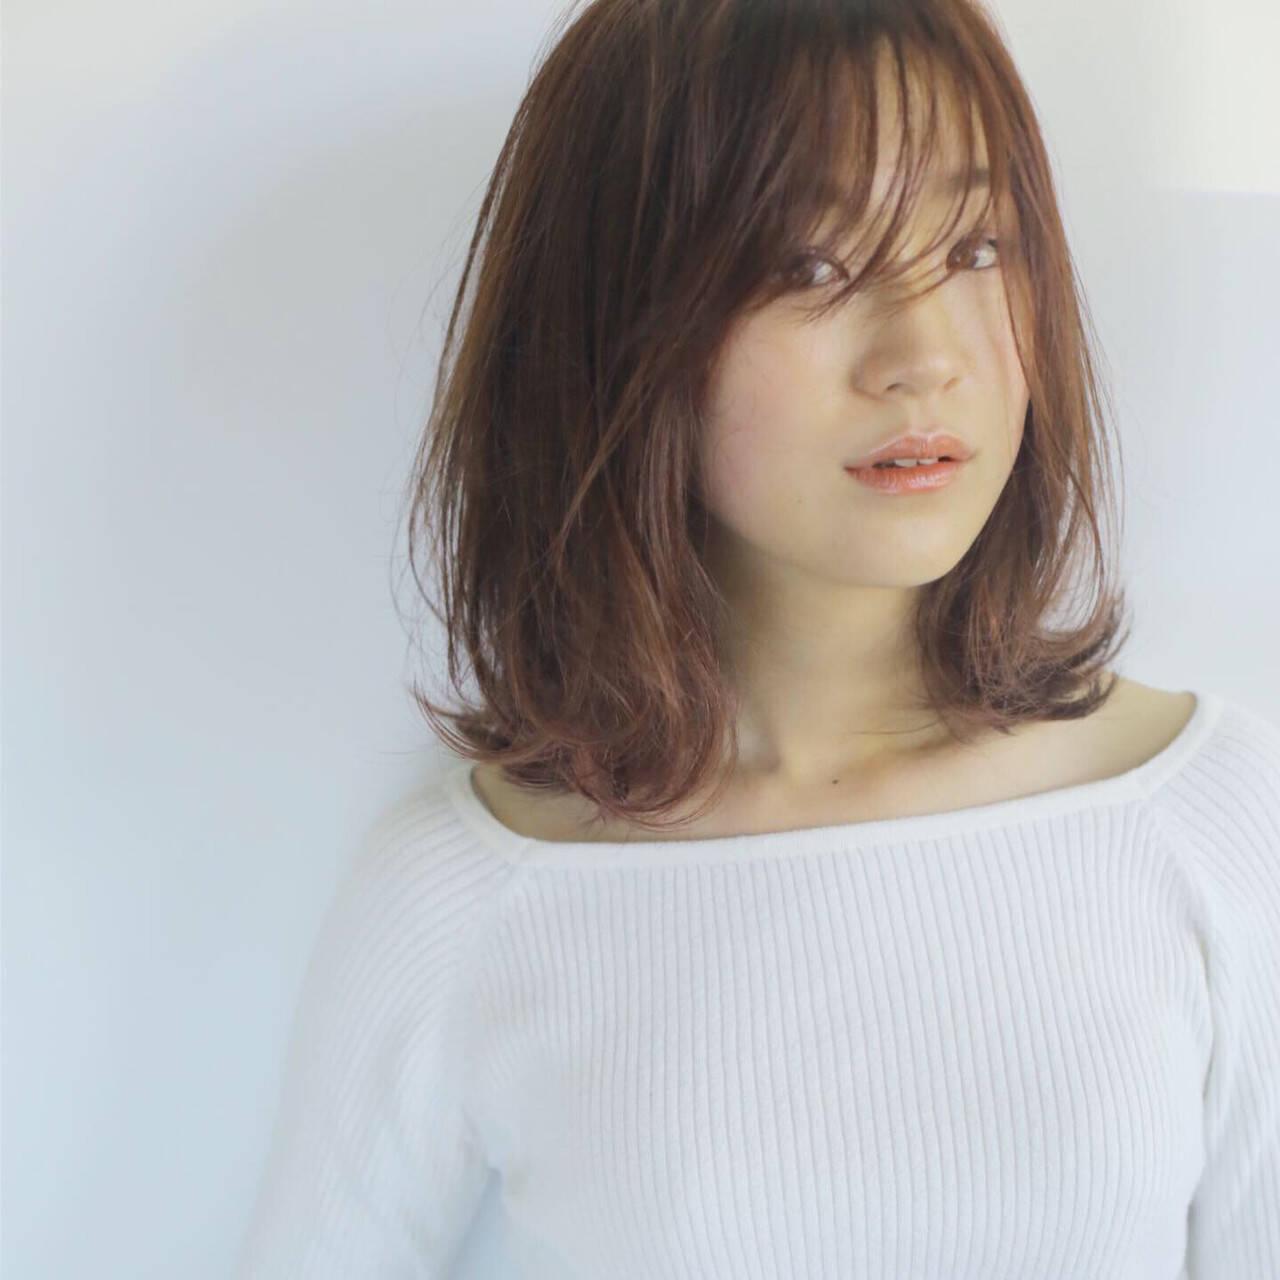 ロブ うざバング フェミニン ミディアムヘアスタイルや髪型の写真・画像